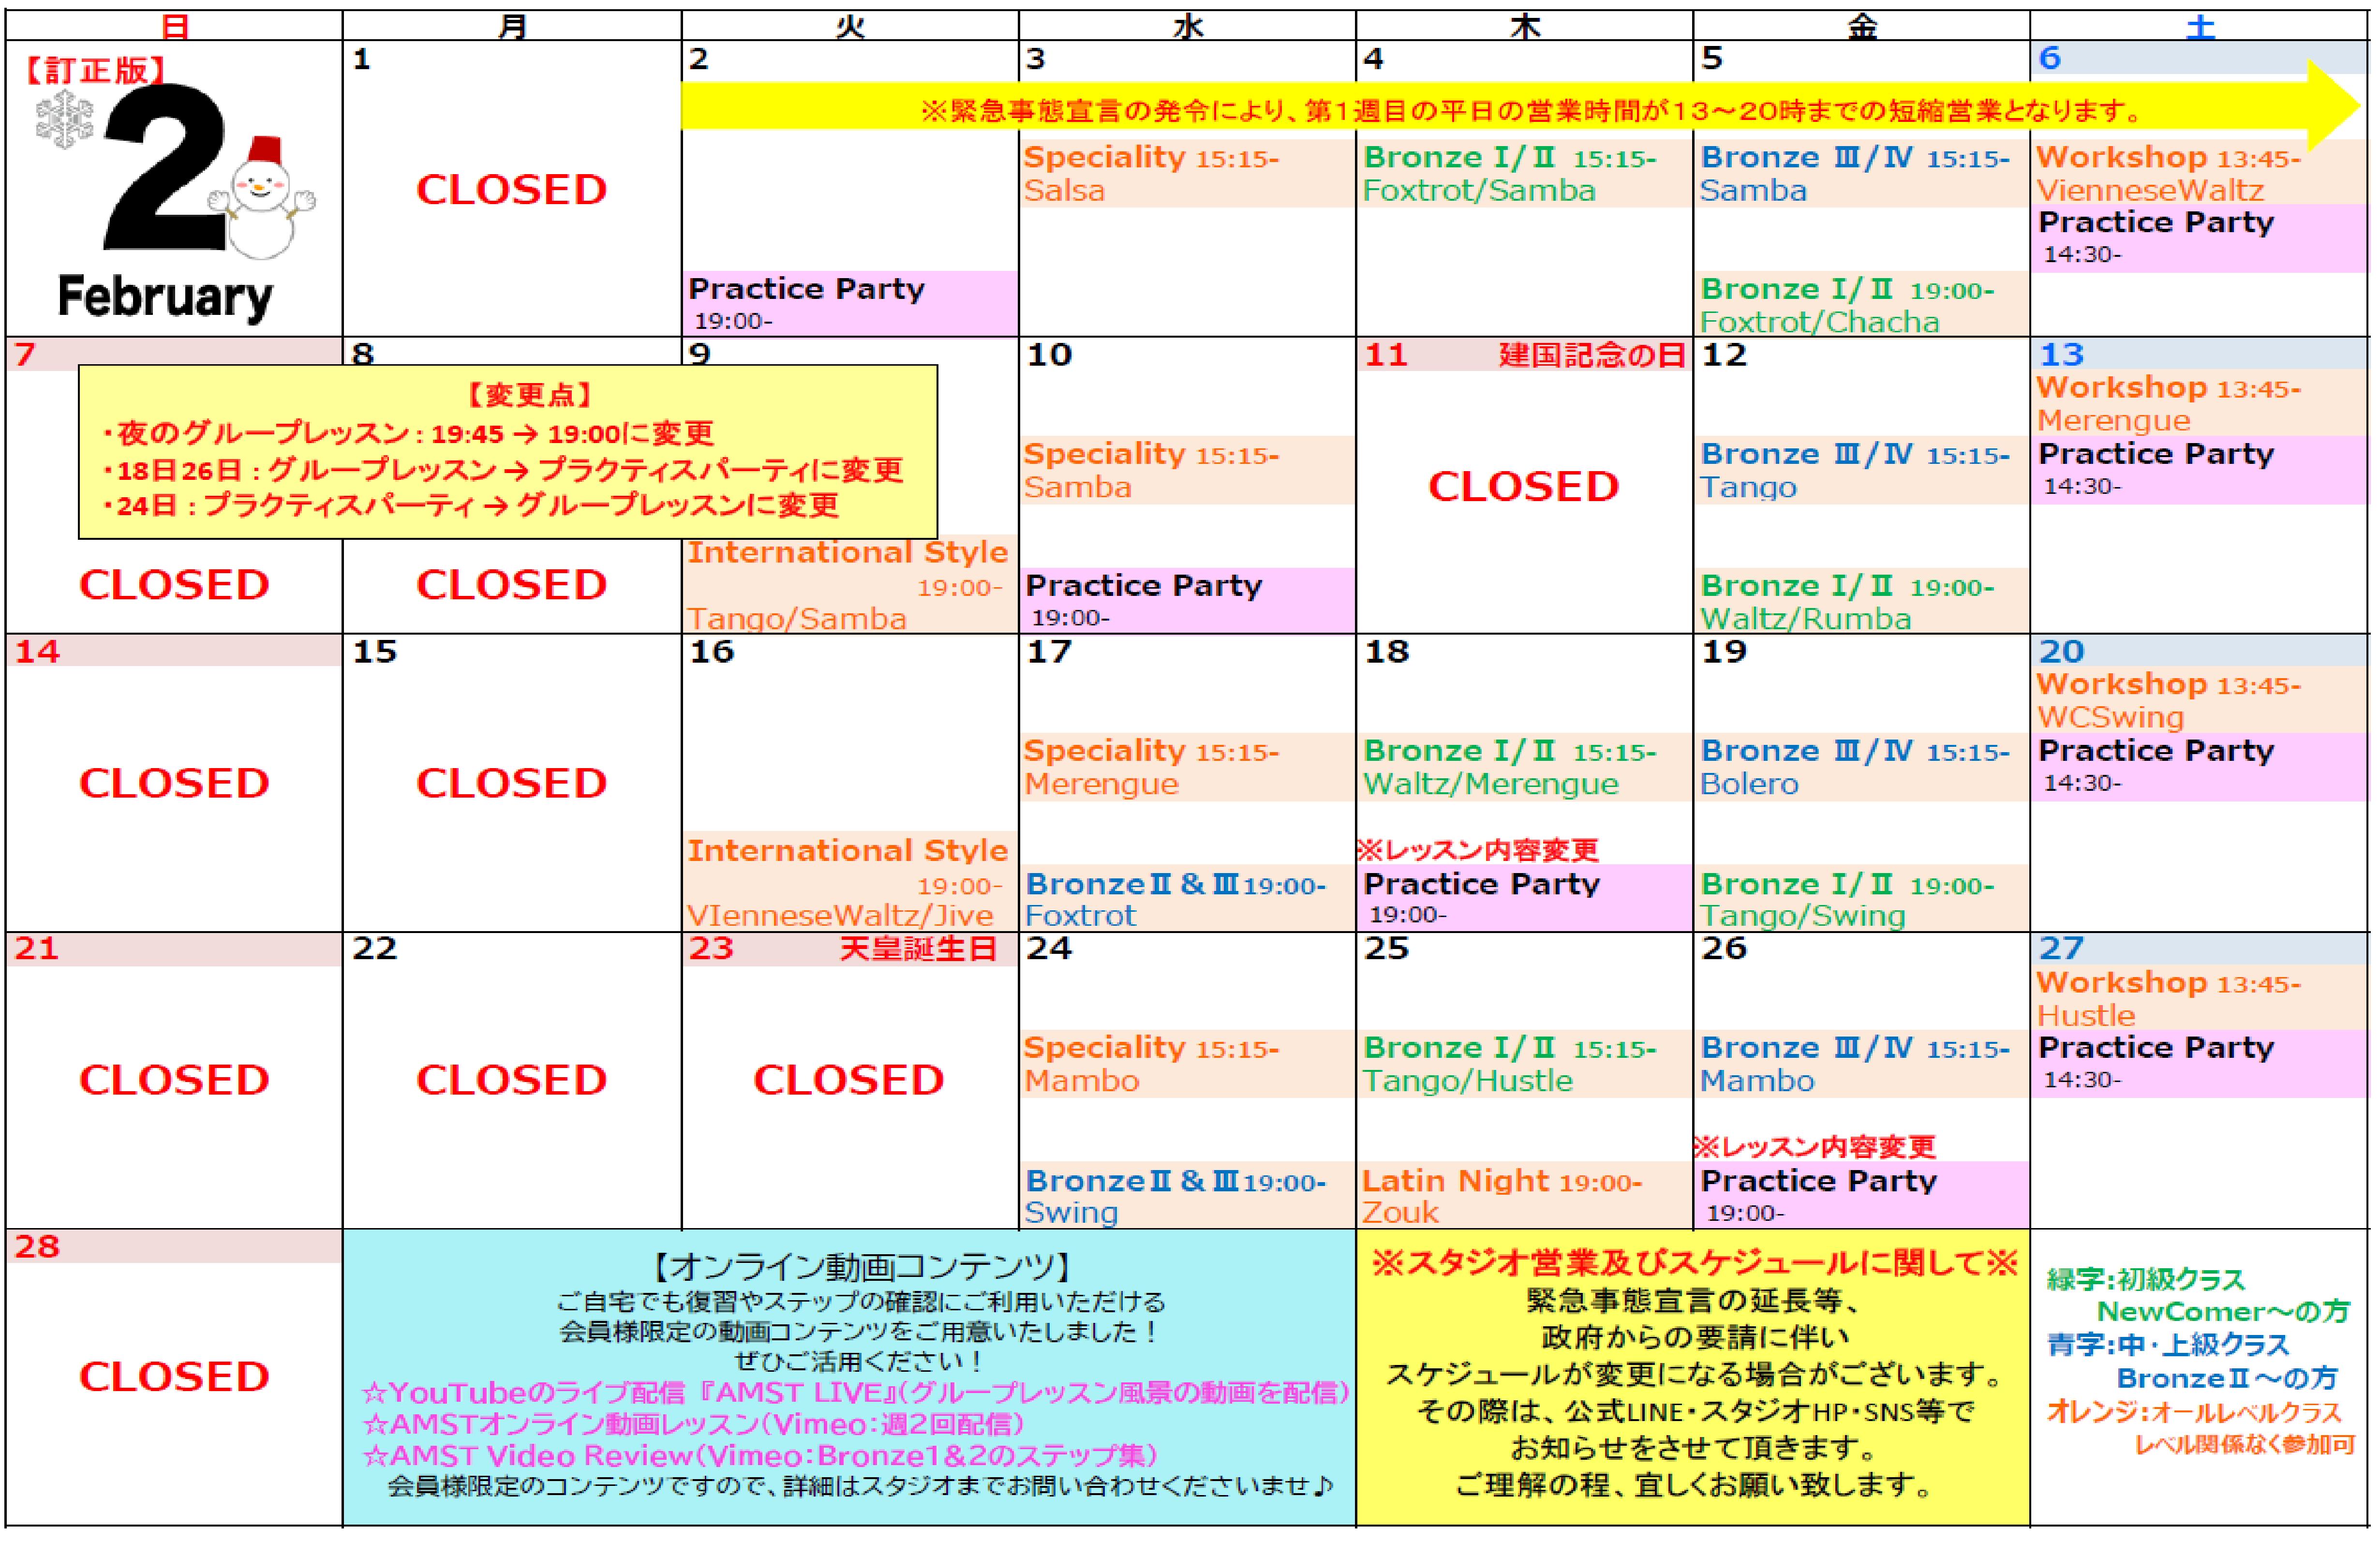 【訂正版】 2021.02 Schedule